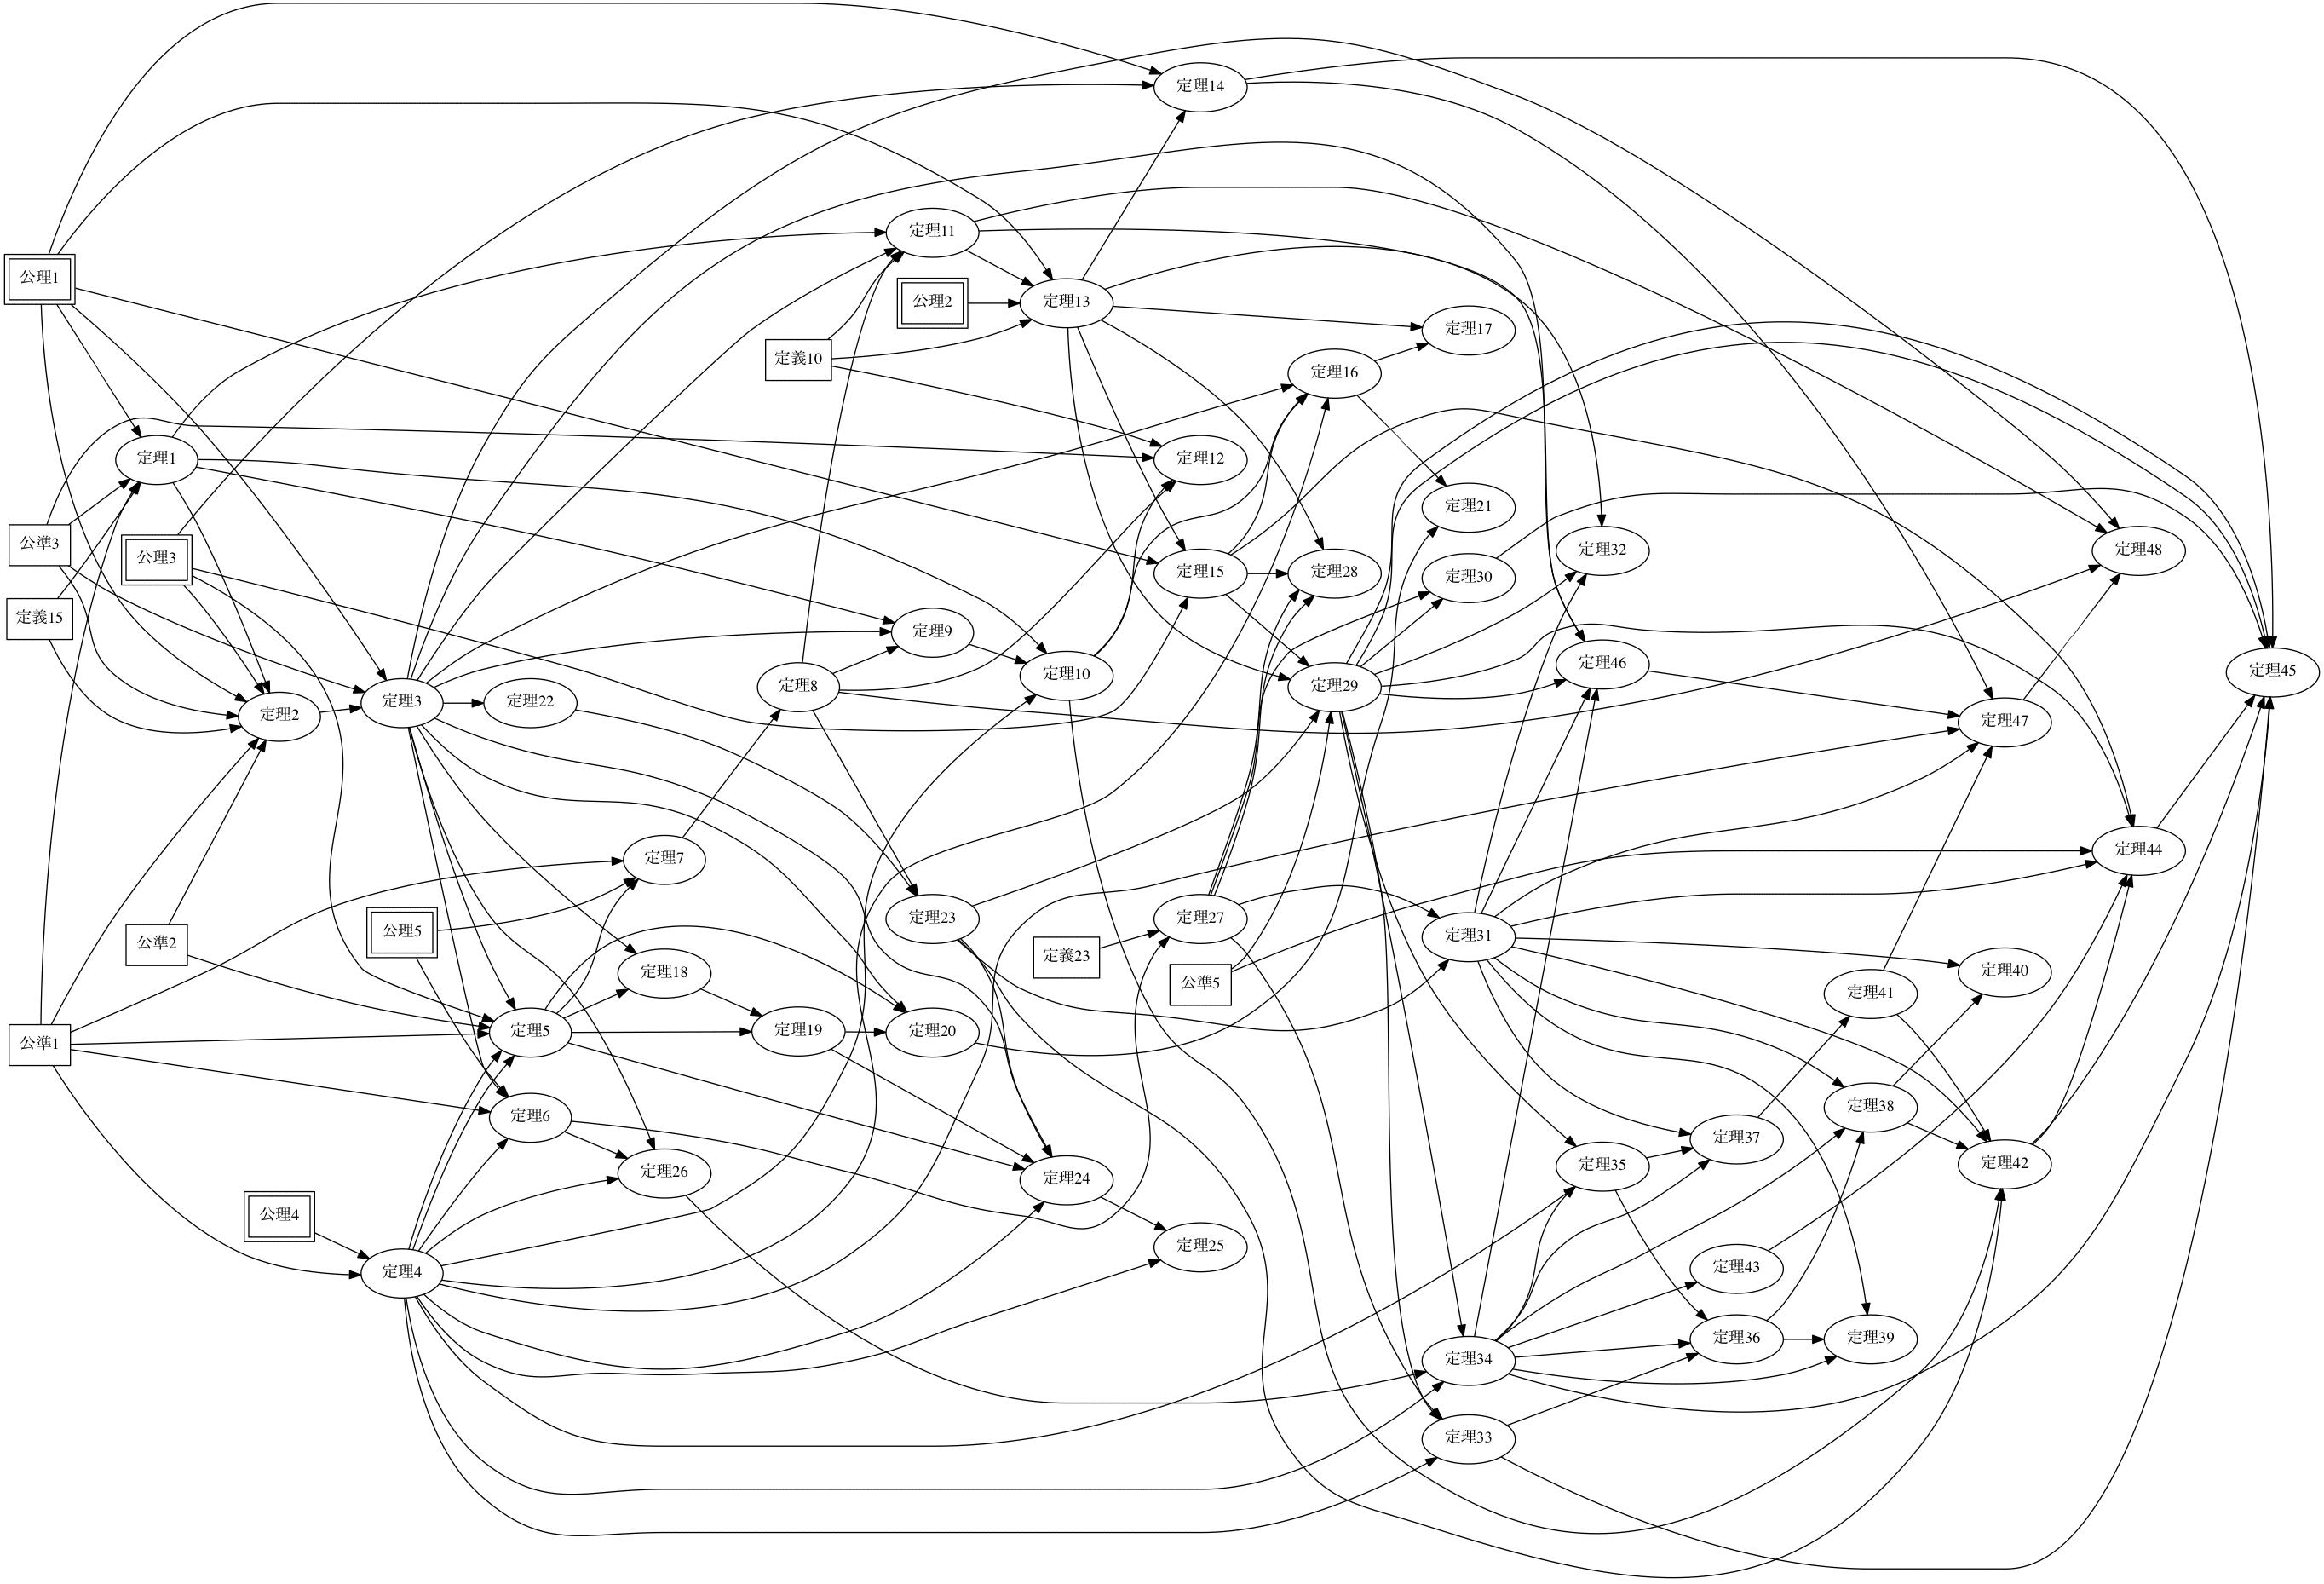 euclid1.png